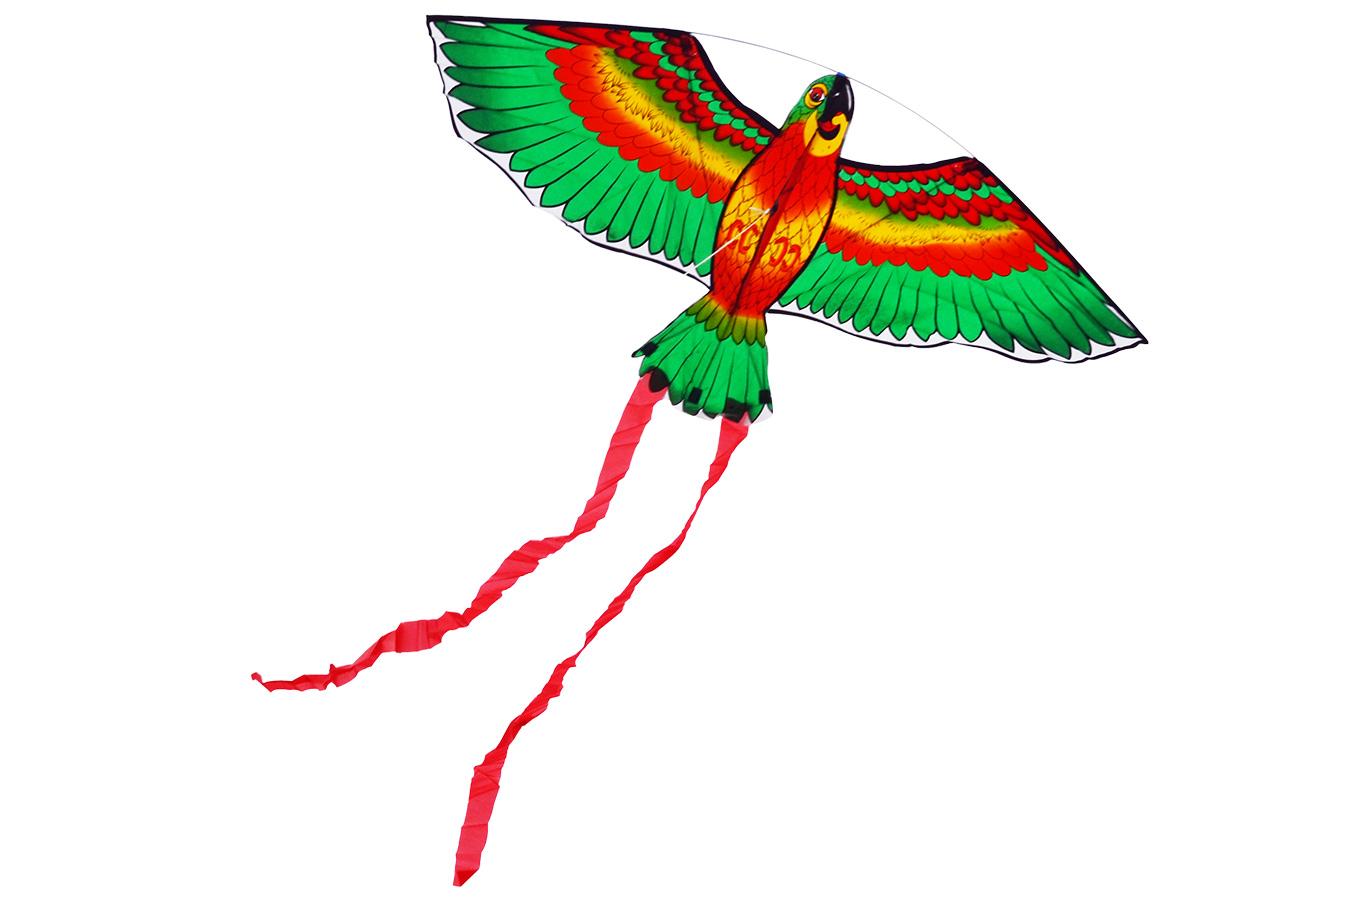 Попугай Розелла зеленый воздушный змей [ZVPRG]